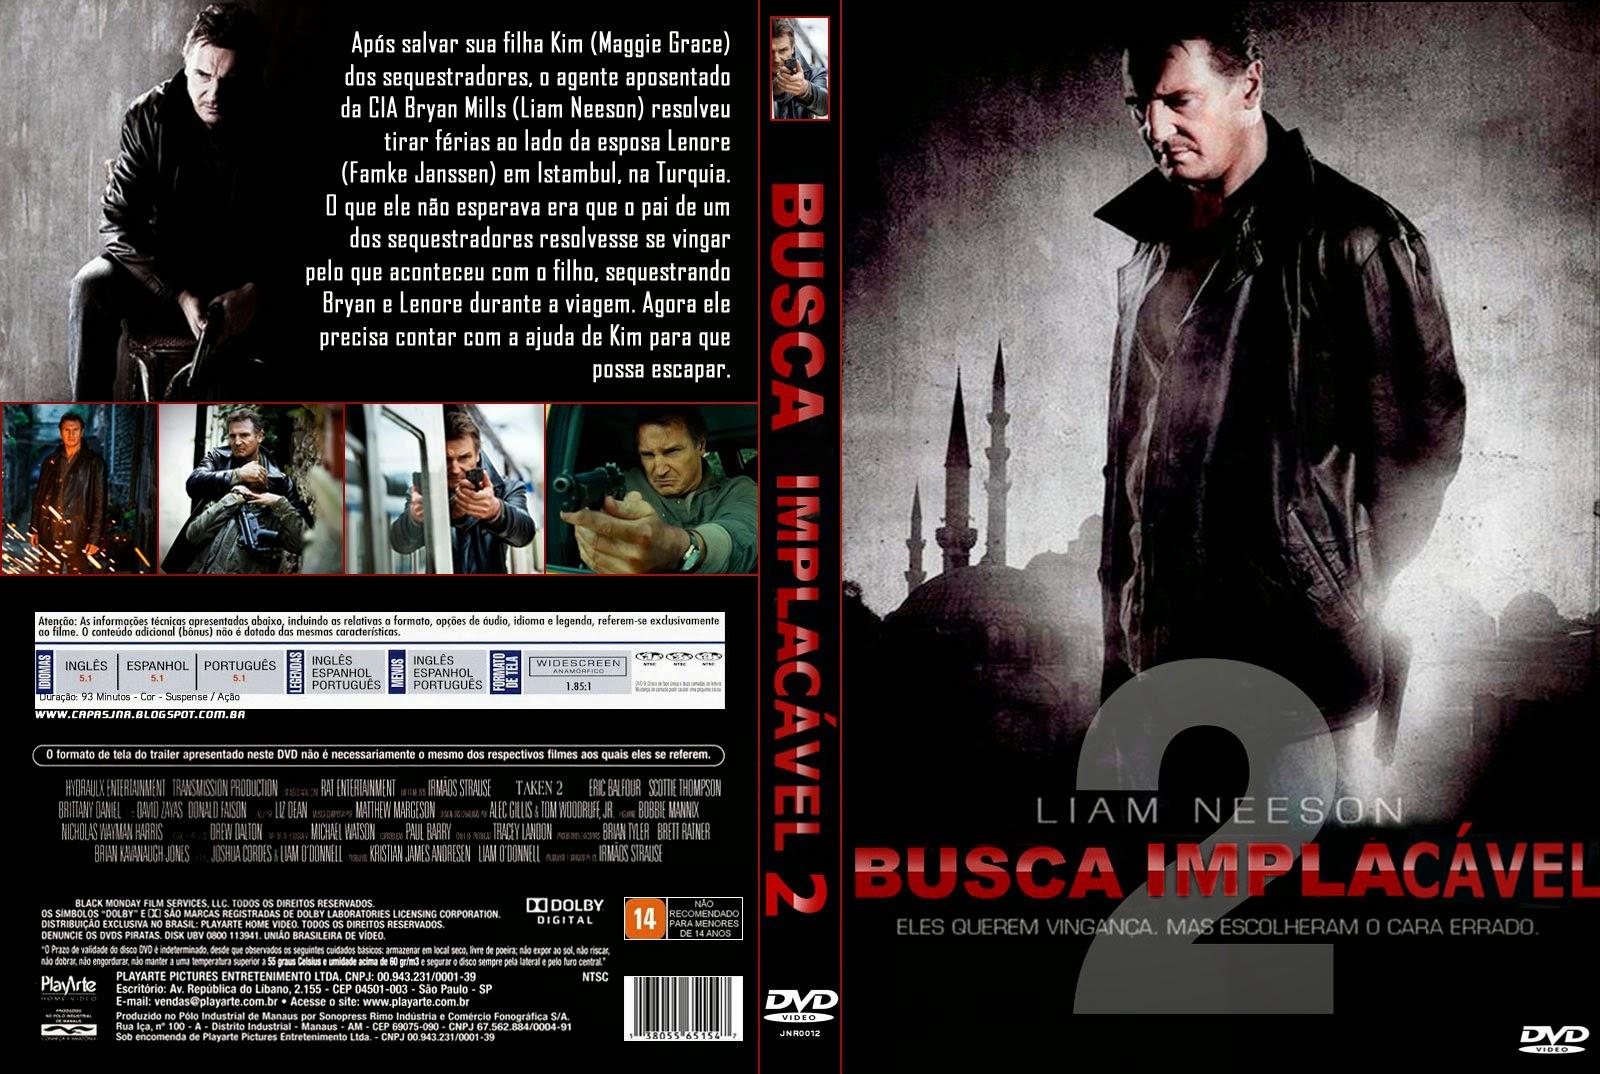 Busca Implacável 2 DVD Capa